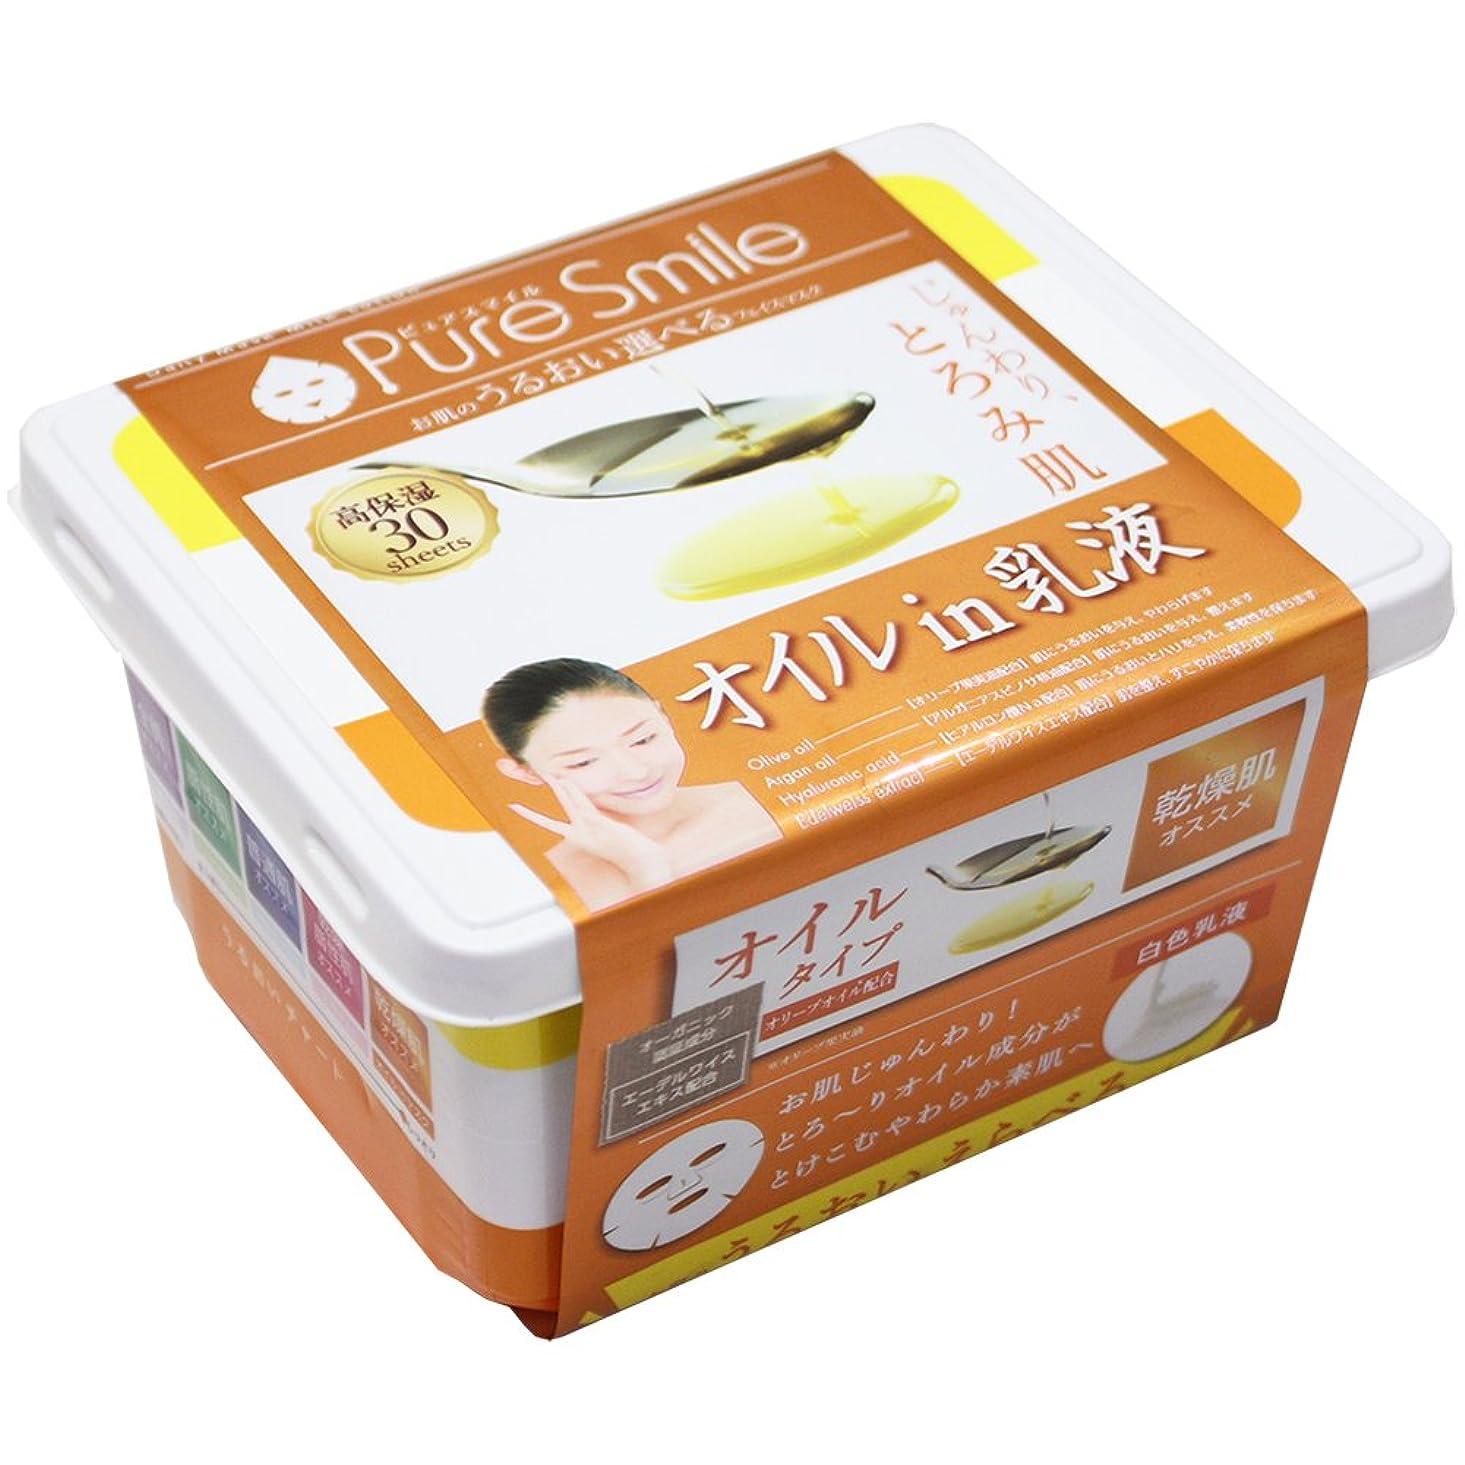 数字ランデブー少数PureSmile(ピュアスマイル) フェイスパック エッセンスマスク 30枚セット オイルin乳液?3S05